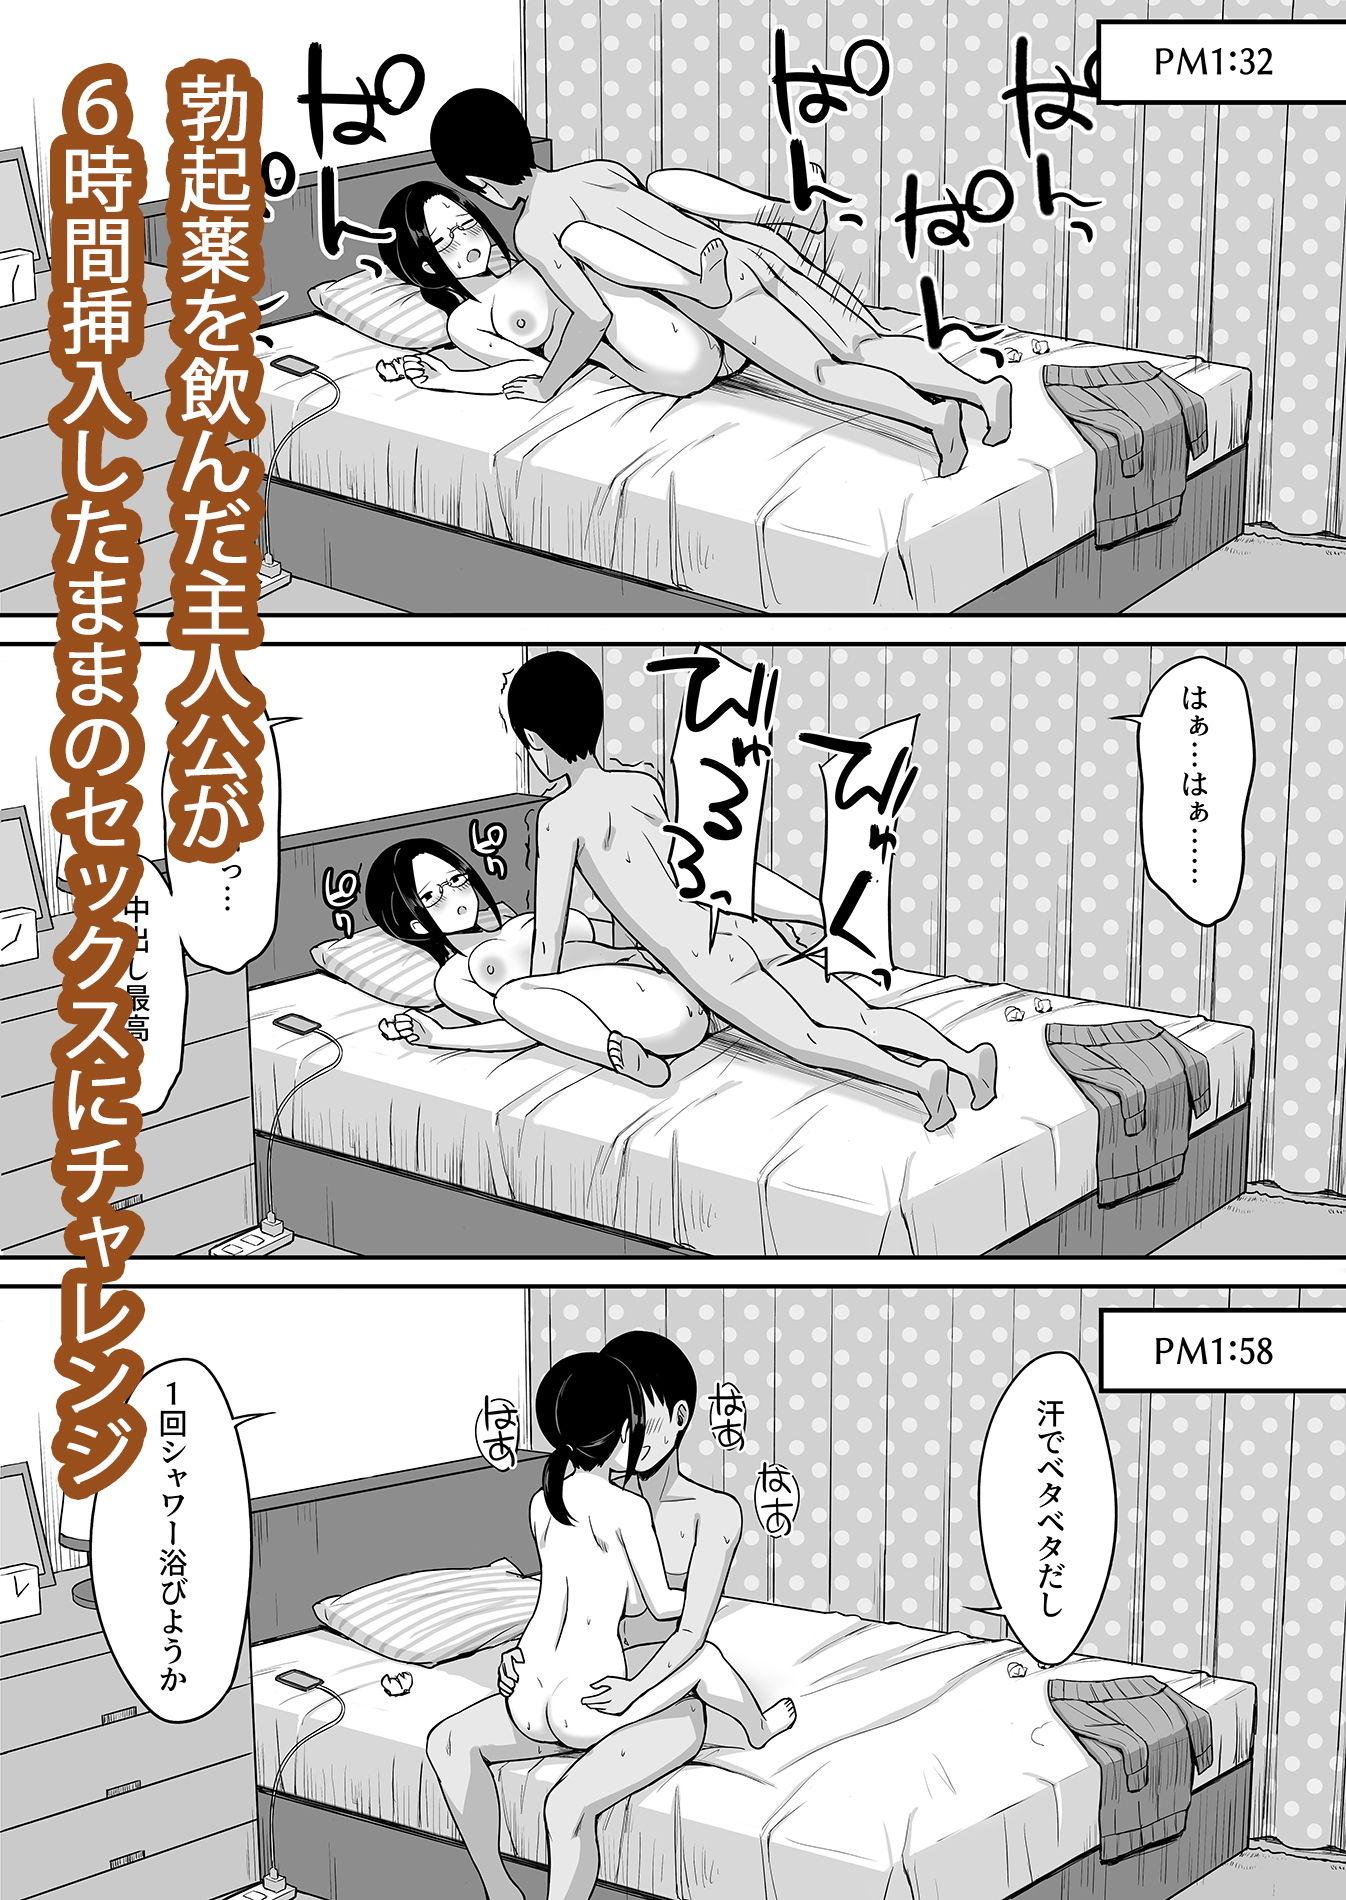 服従の呪い4~真帆先生、オナホ化ヤり放題 編~ セックス